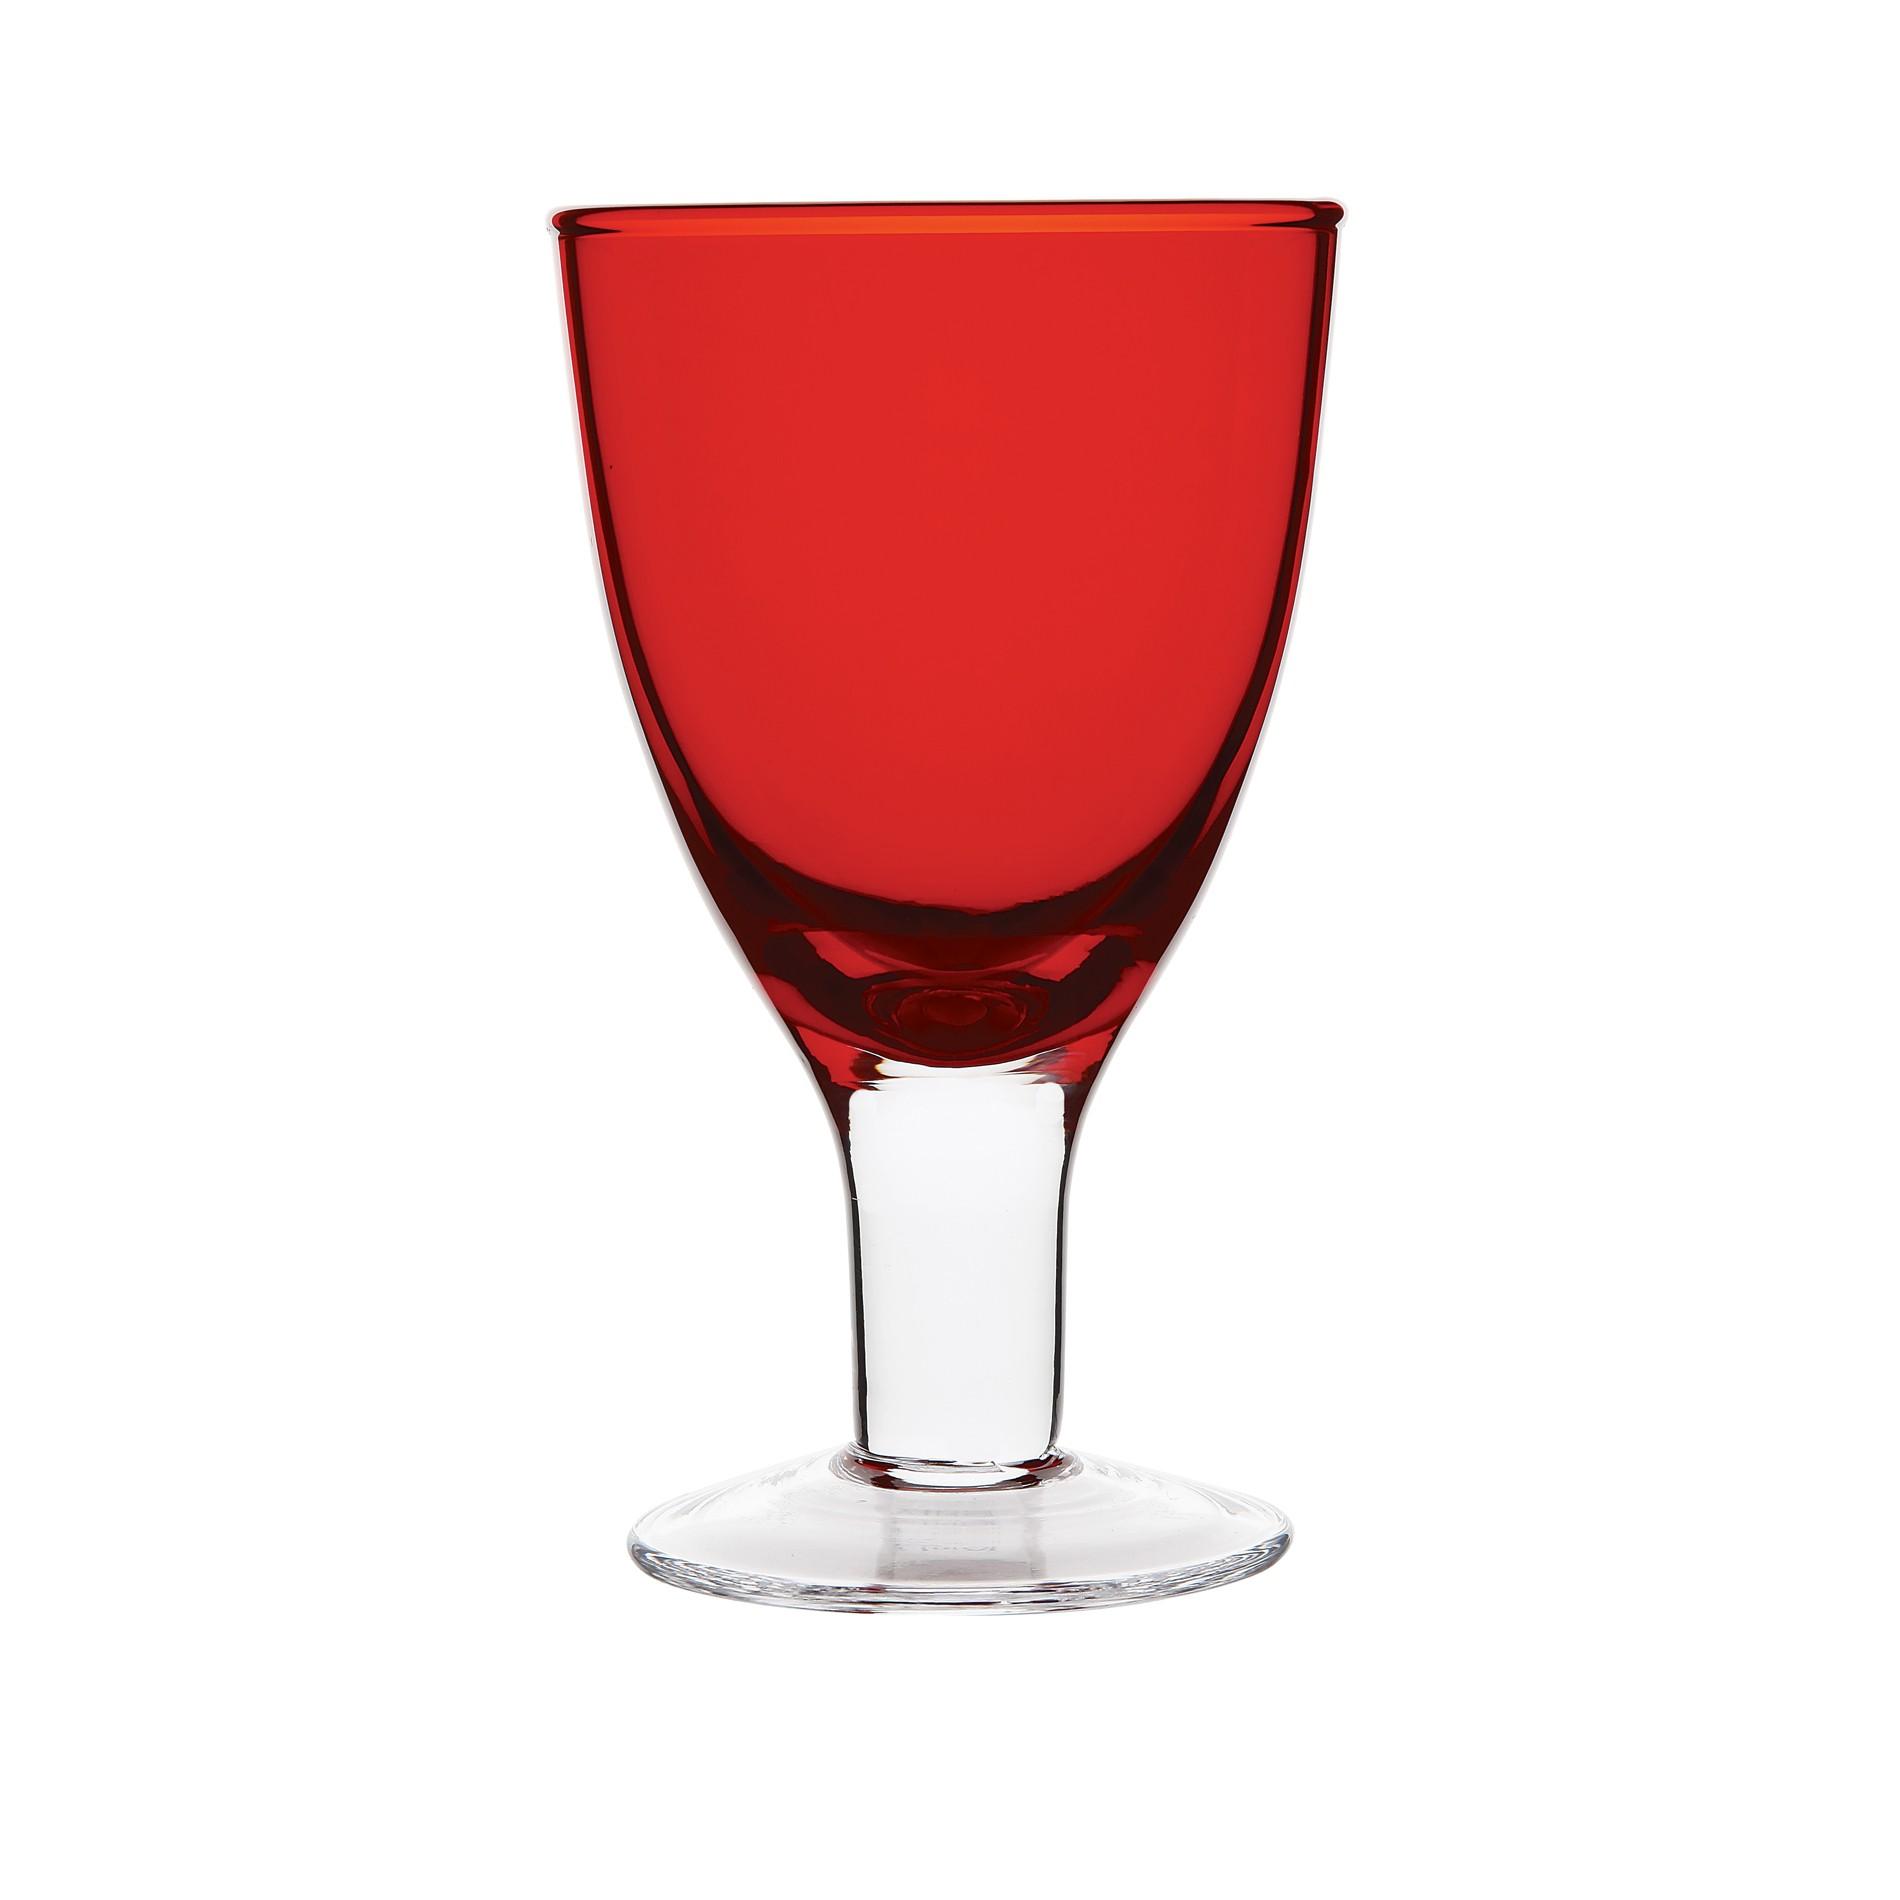 Ποτήρι Κρασιού Spring Σετ 6Τμχ Κόκκινο 250ml Ionia home   ειδη σερβιρισματος   ποτήρια